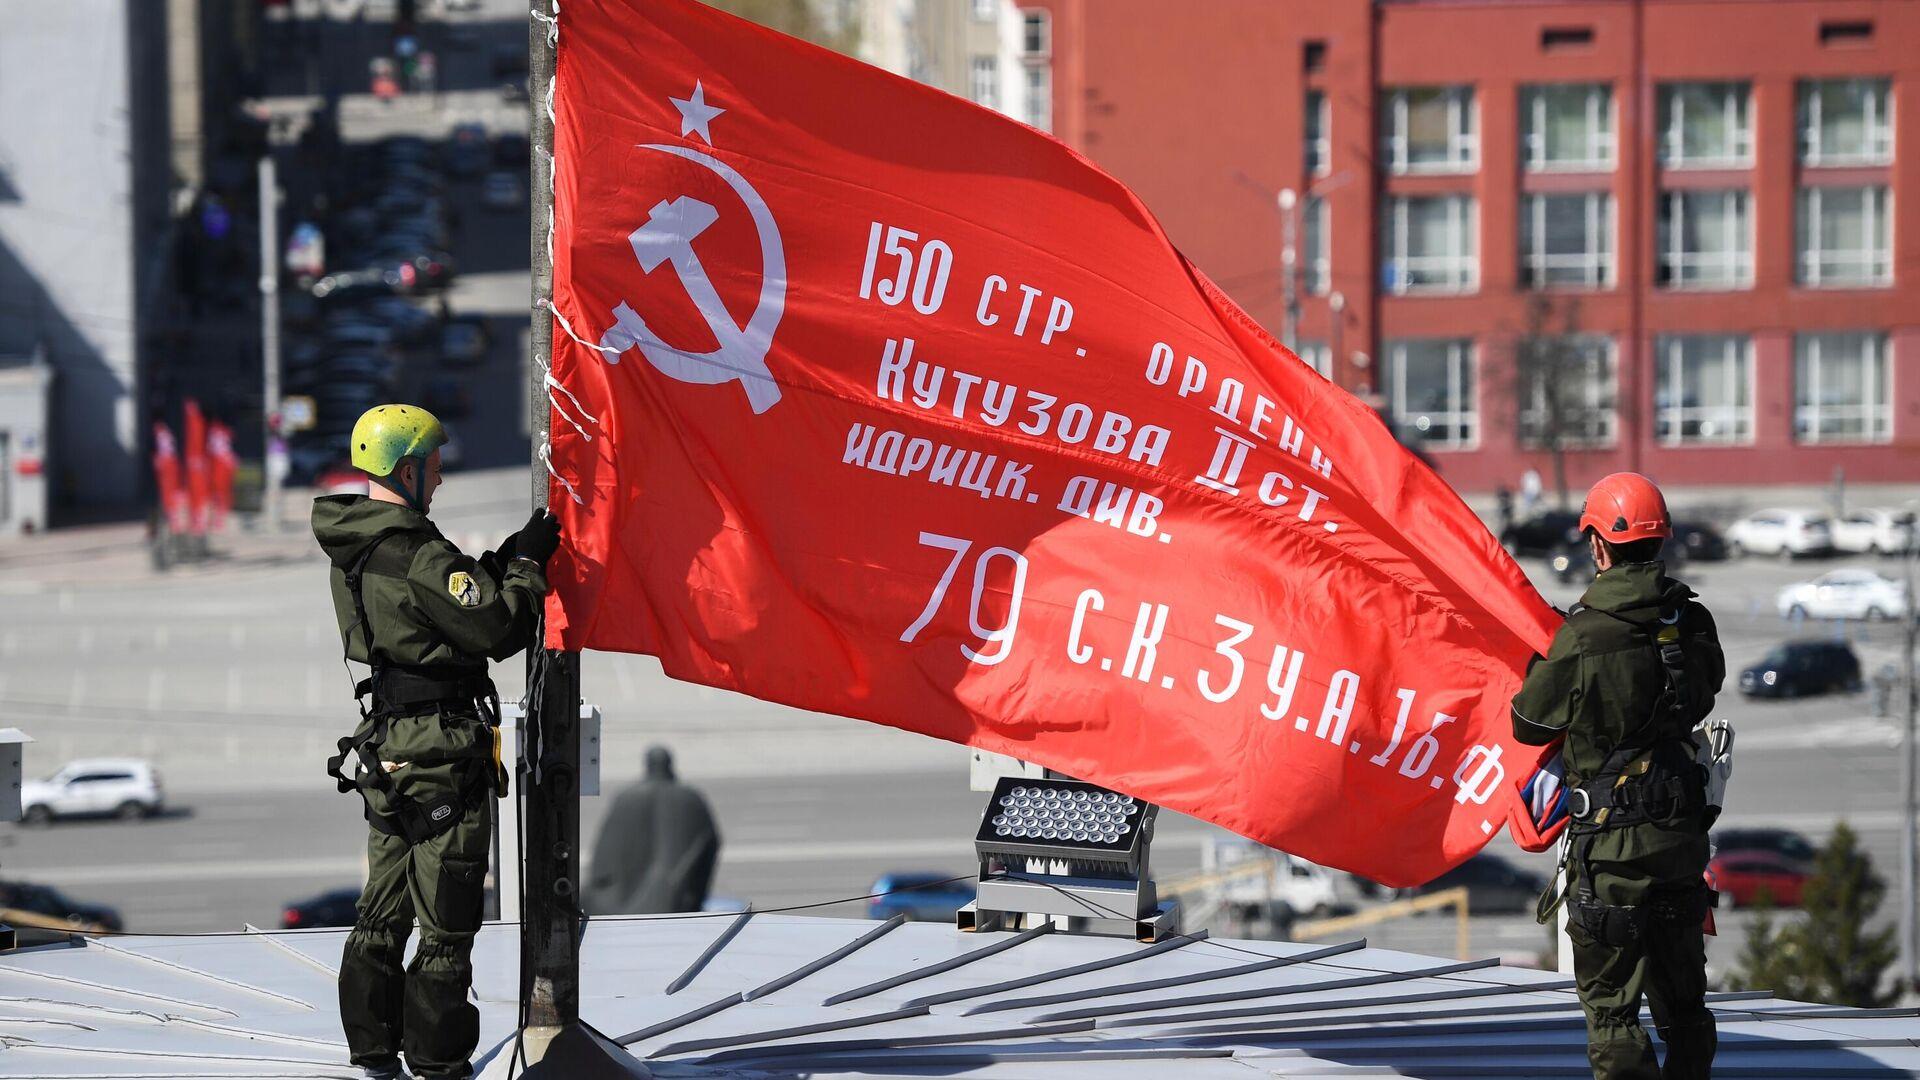 Установка копии Знамени Победы за здании Новосибирского театра оперы и балета - РИА Новости, 1920, 09.05.2021